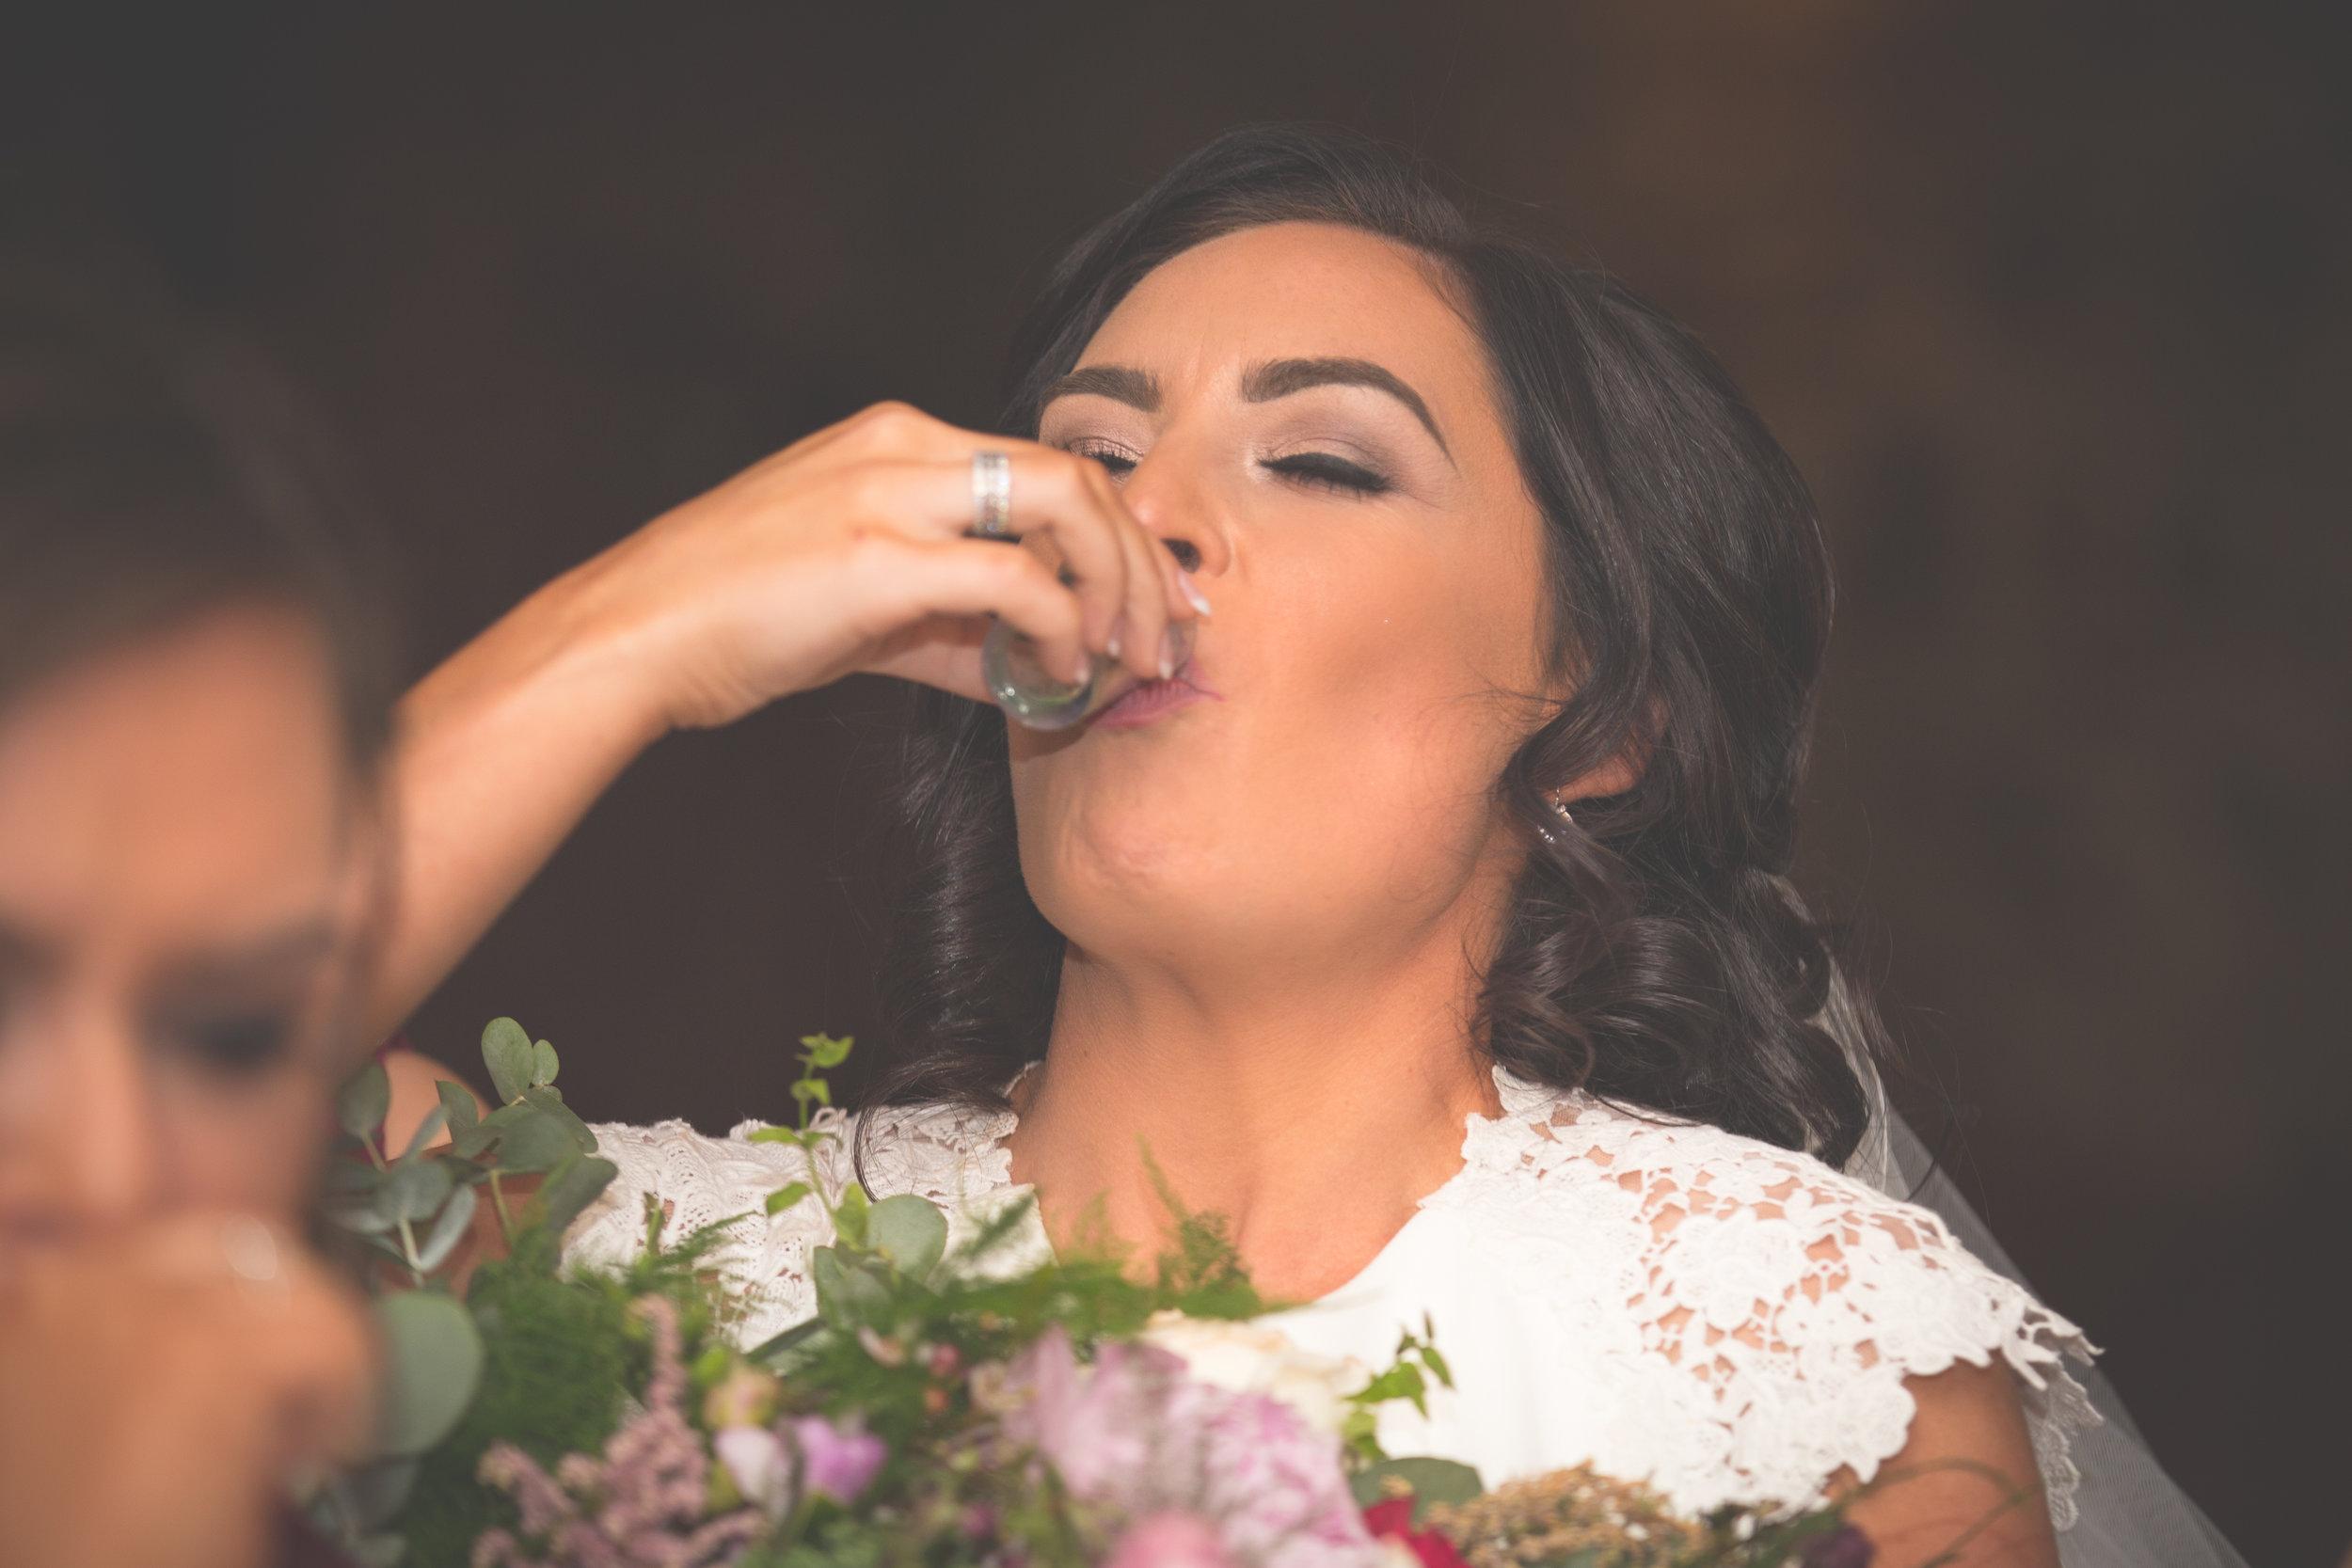 Brian McEwan Wedding Photography | Carol-Anne & Sean | The Speeches-38.jpg